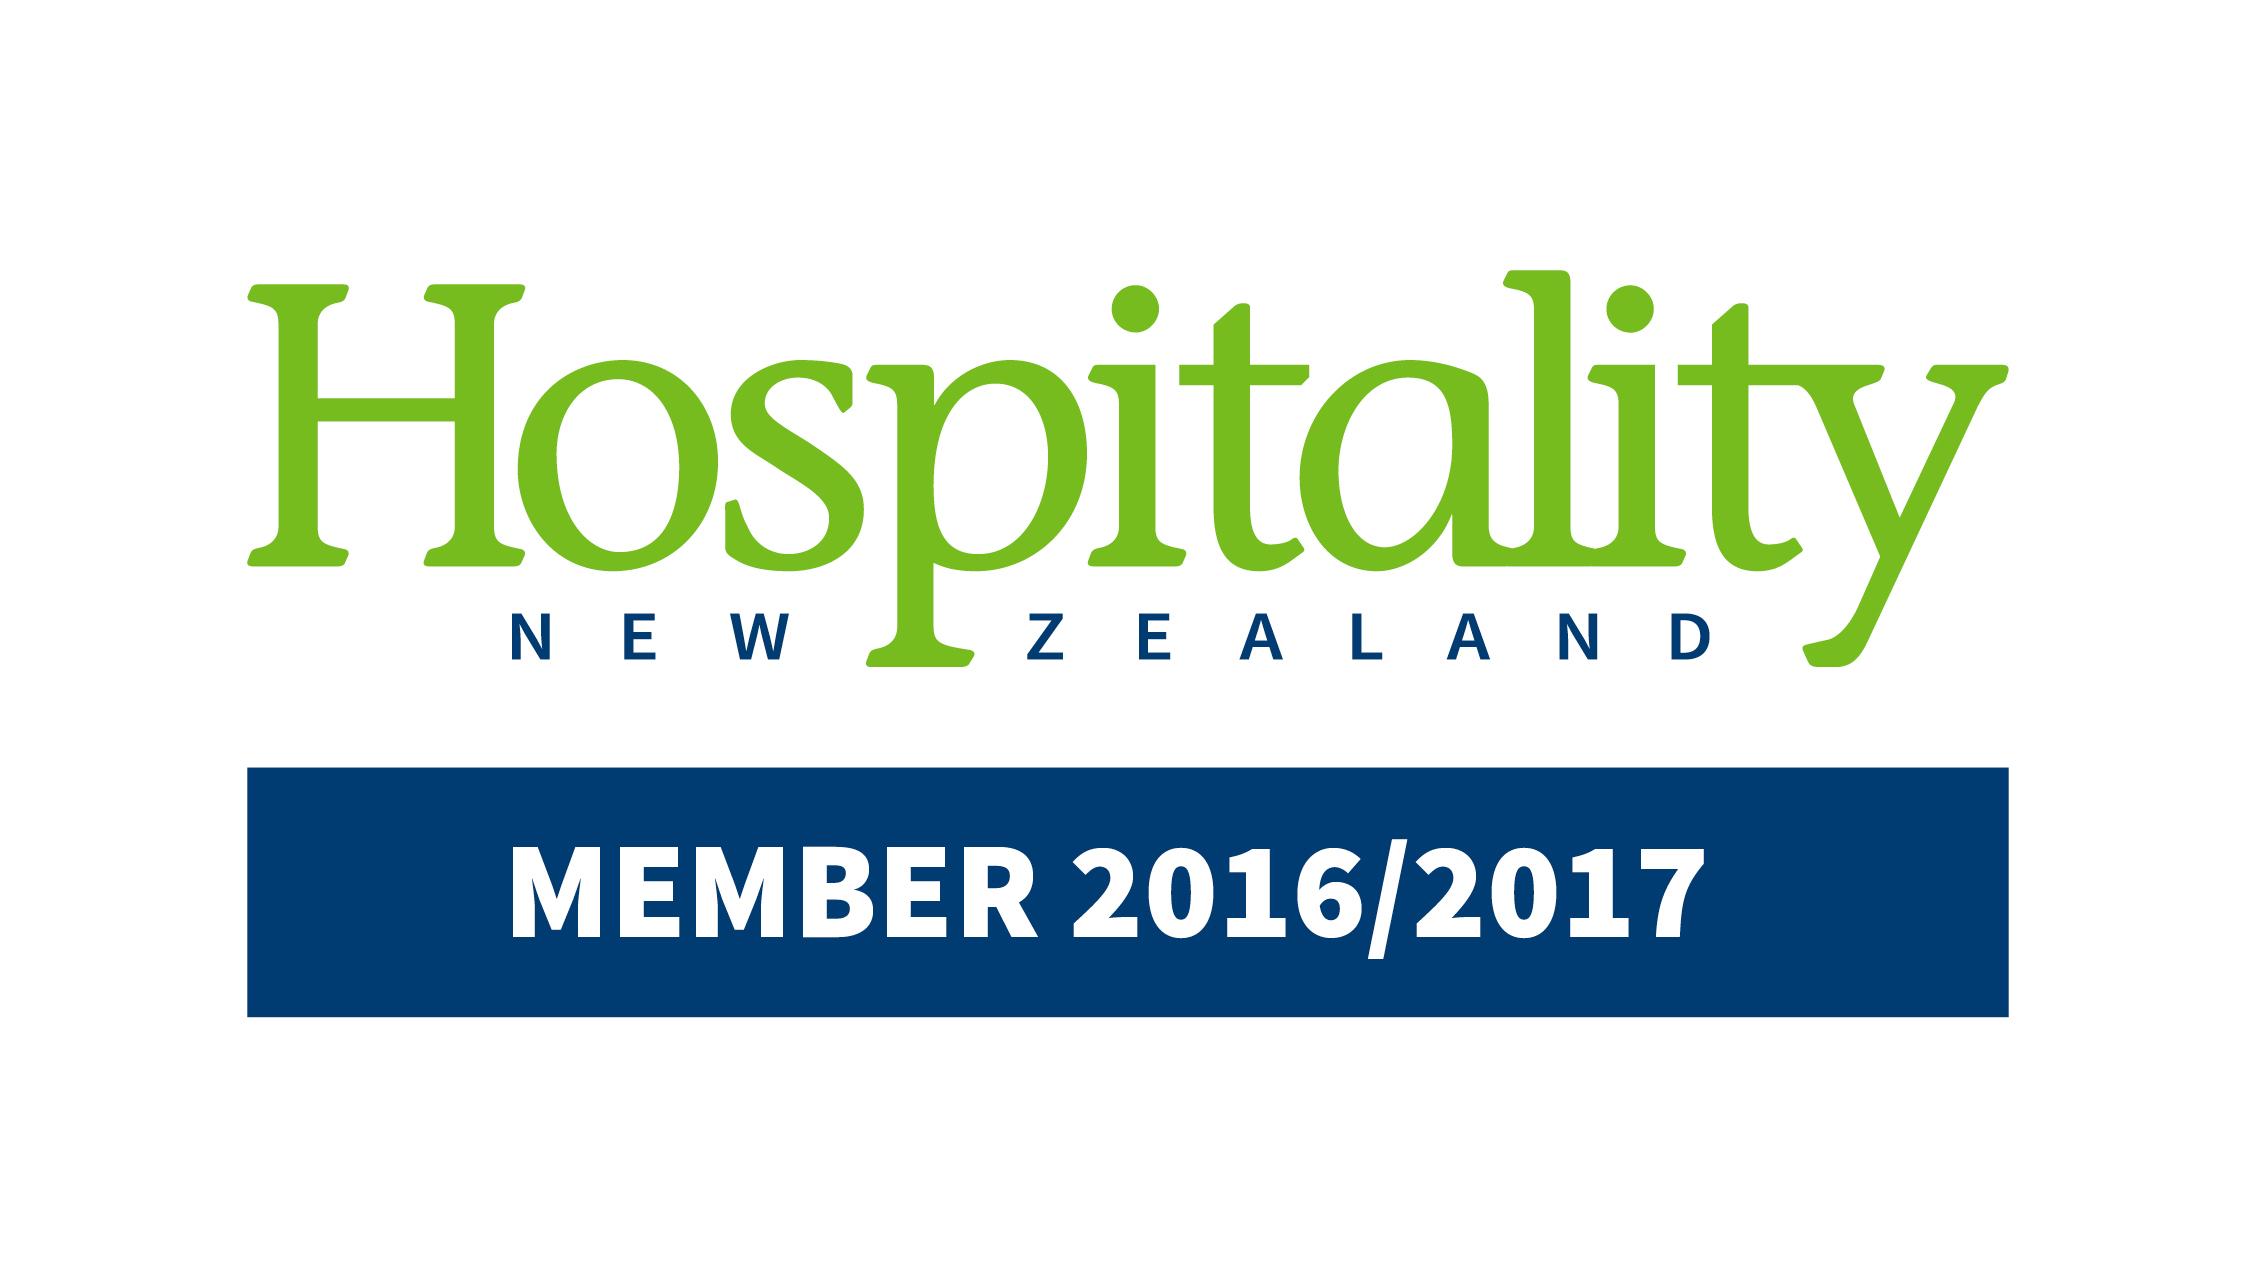 Hospitality New Zealand